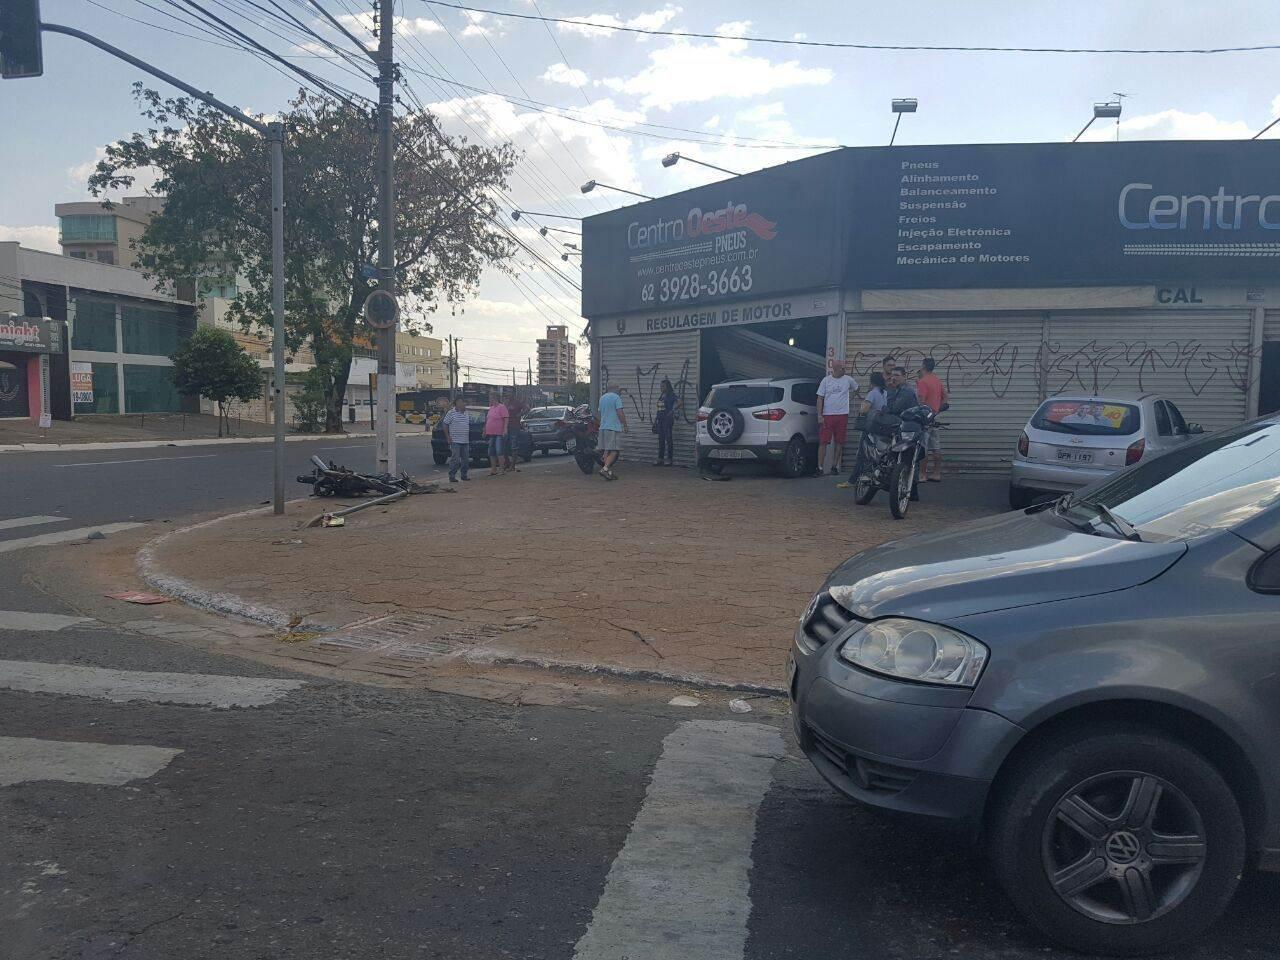 Acidente na T-9 deixa um motociclista ferido |Foto: Divulgação/Ariel da Drogaria Carvalho